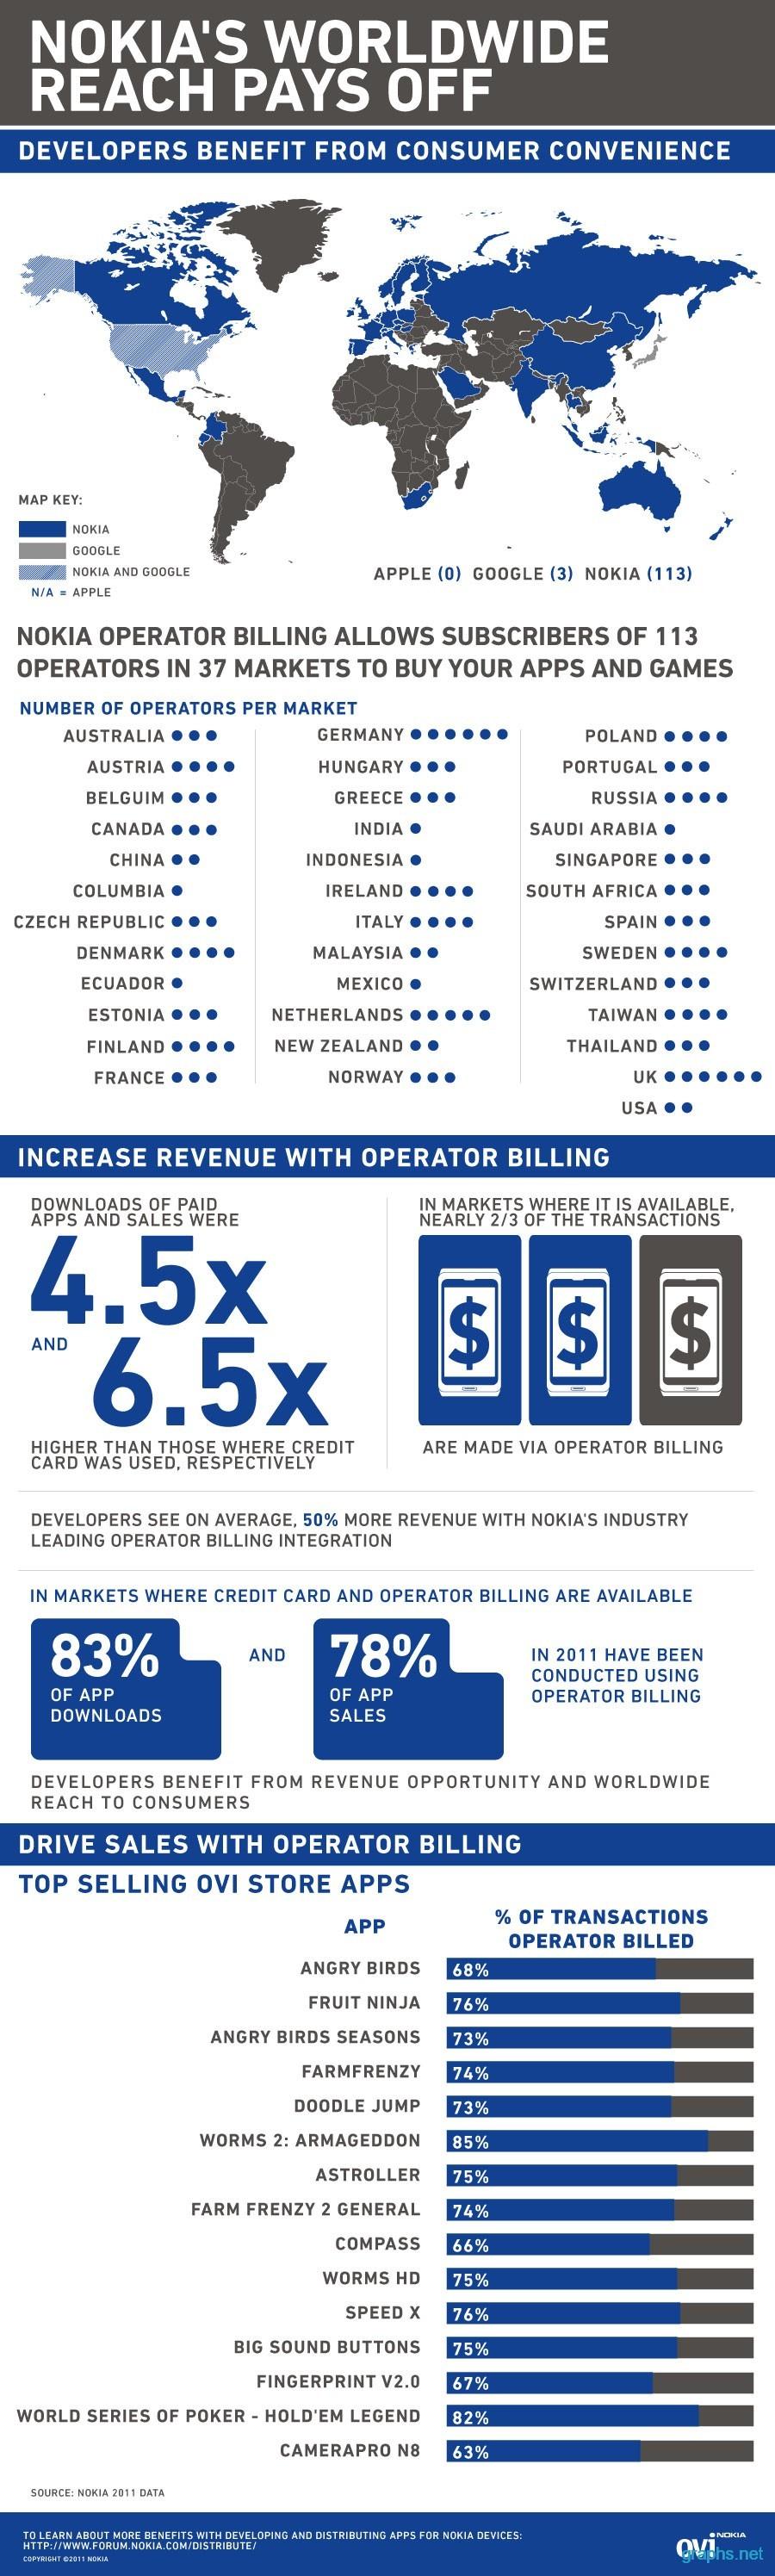 nokia worldwide market statistics